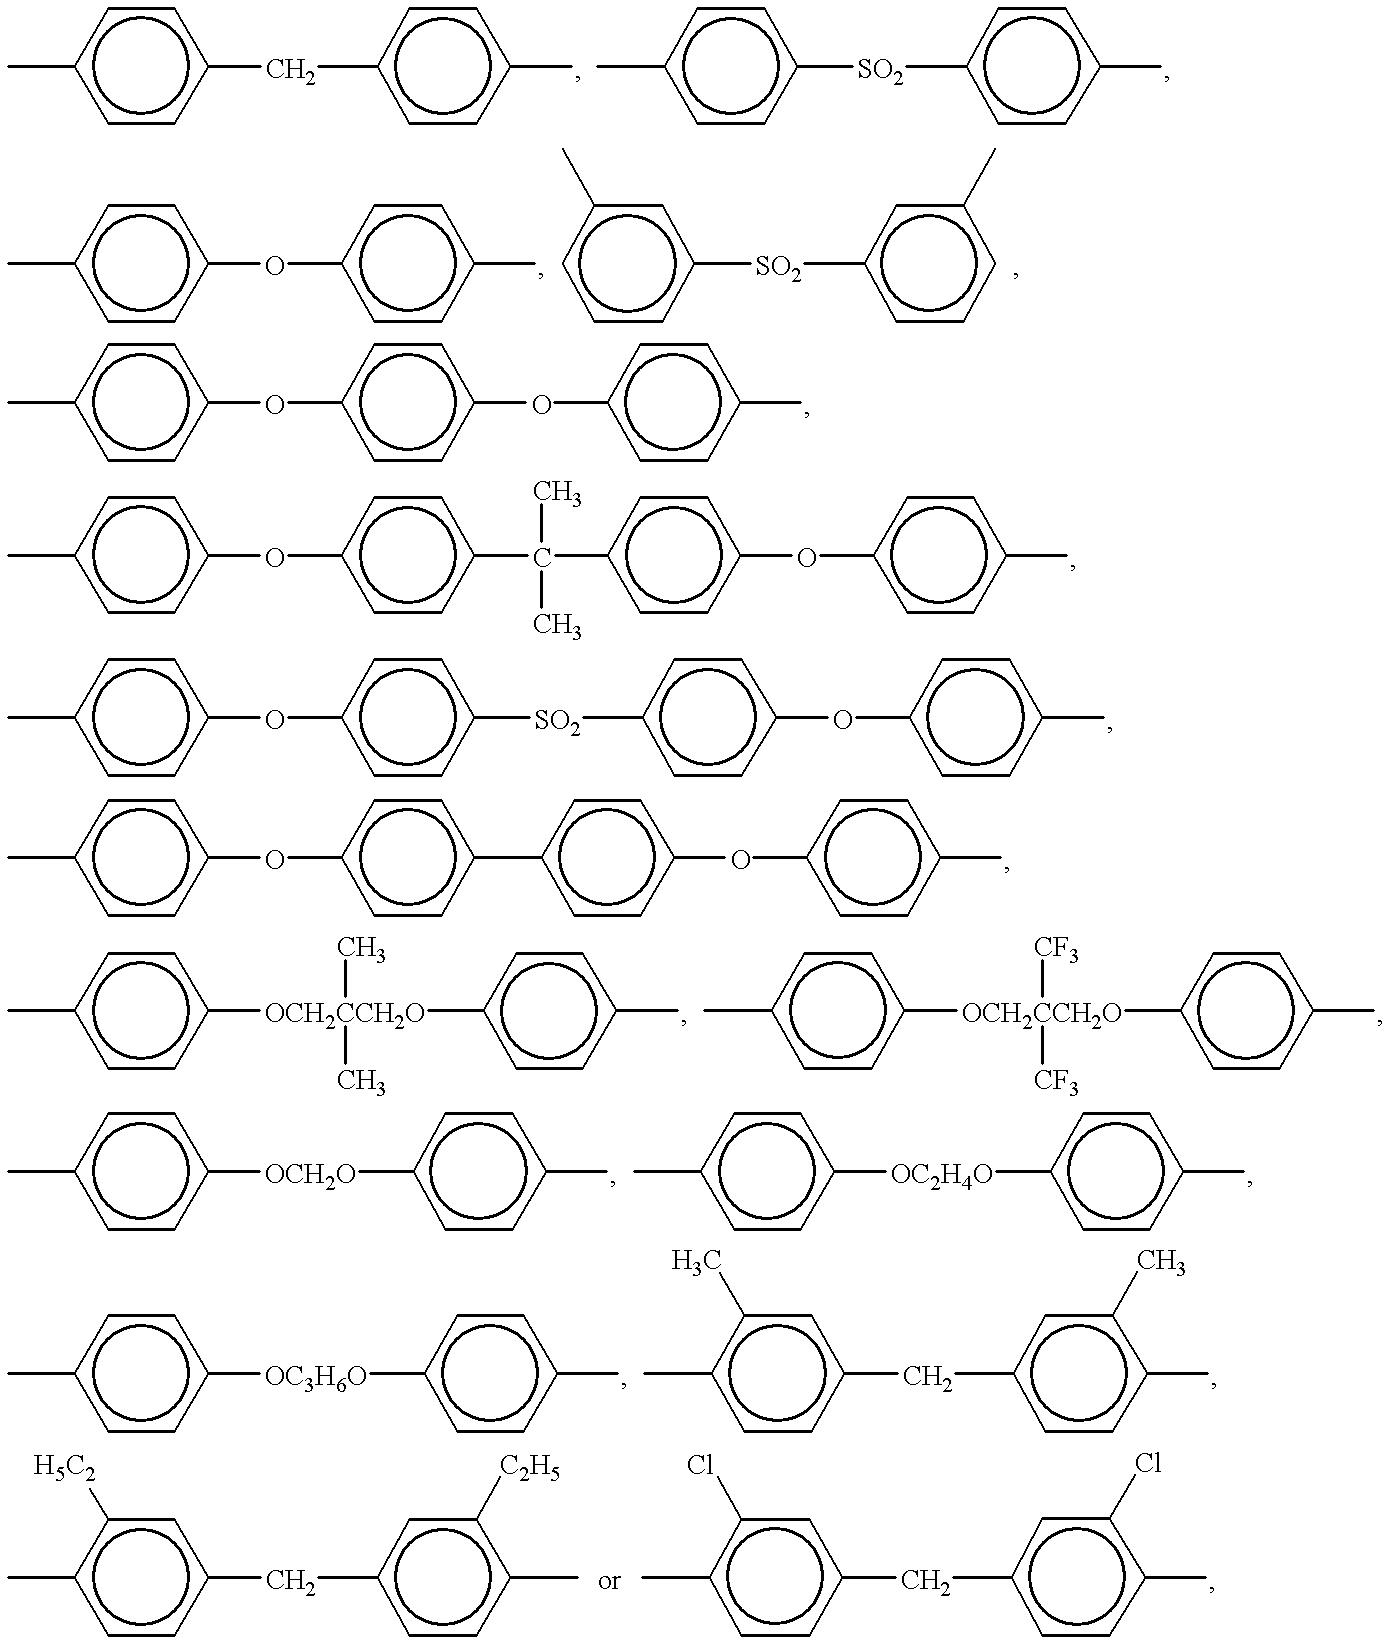 Figure US06180560-20010130-C00013